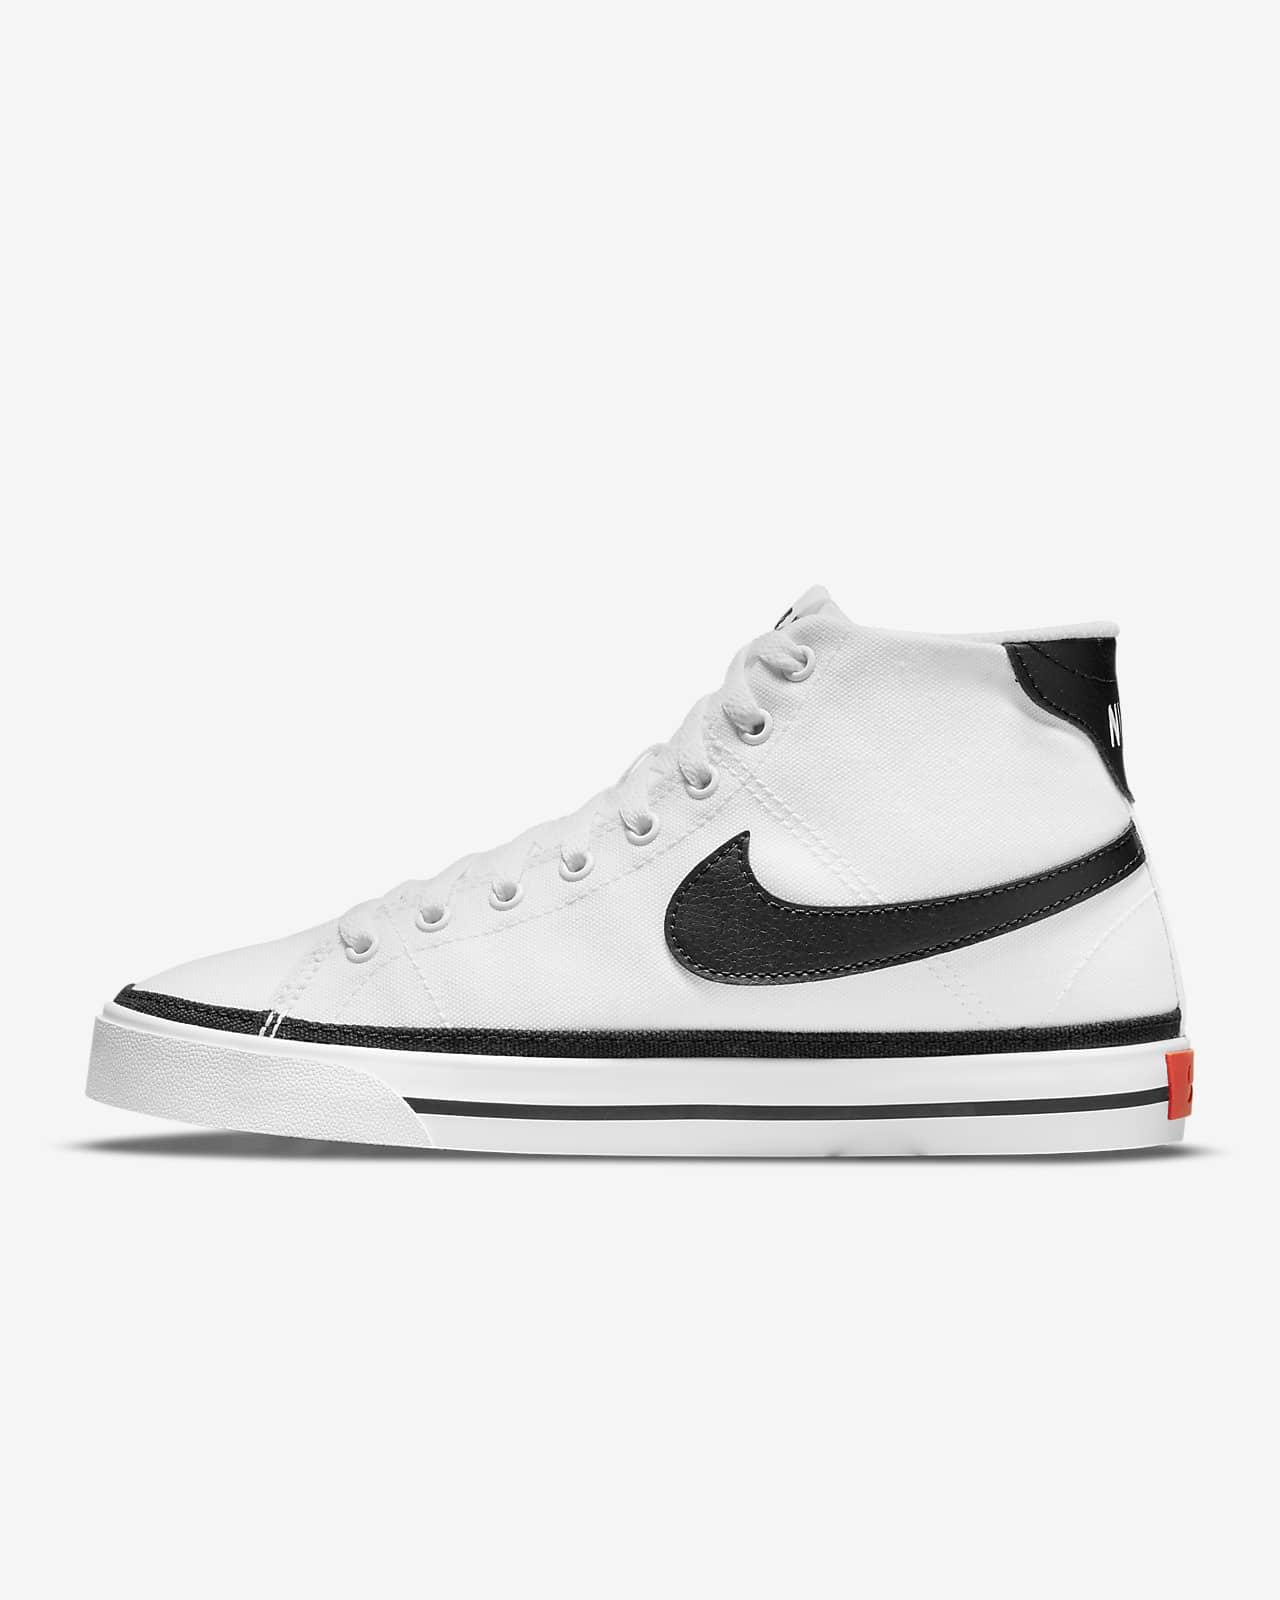 รองเท้าผู้หญิง Nike Court Legacy Canvas Mid